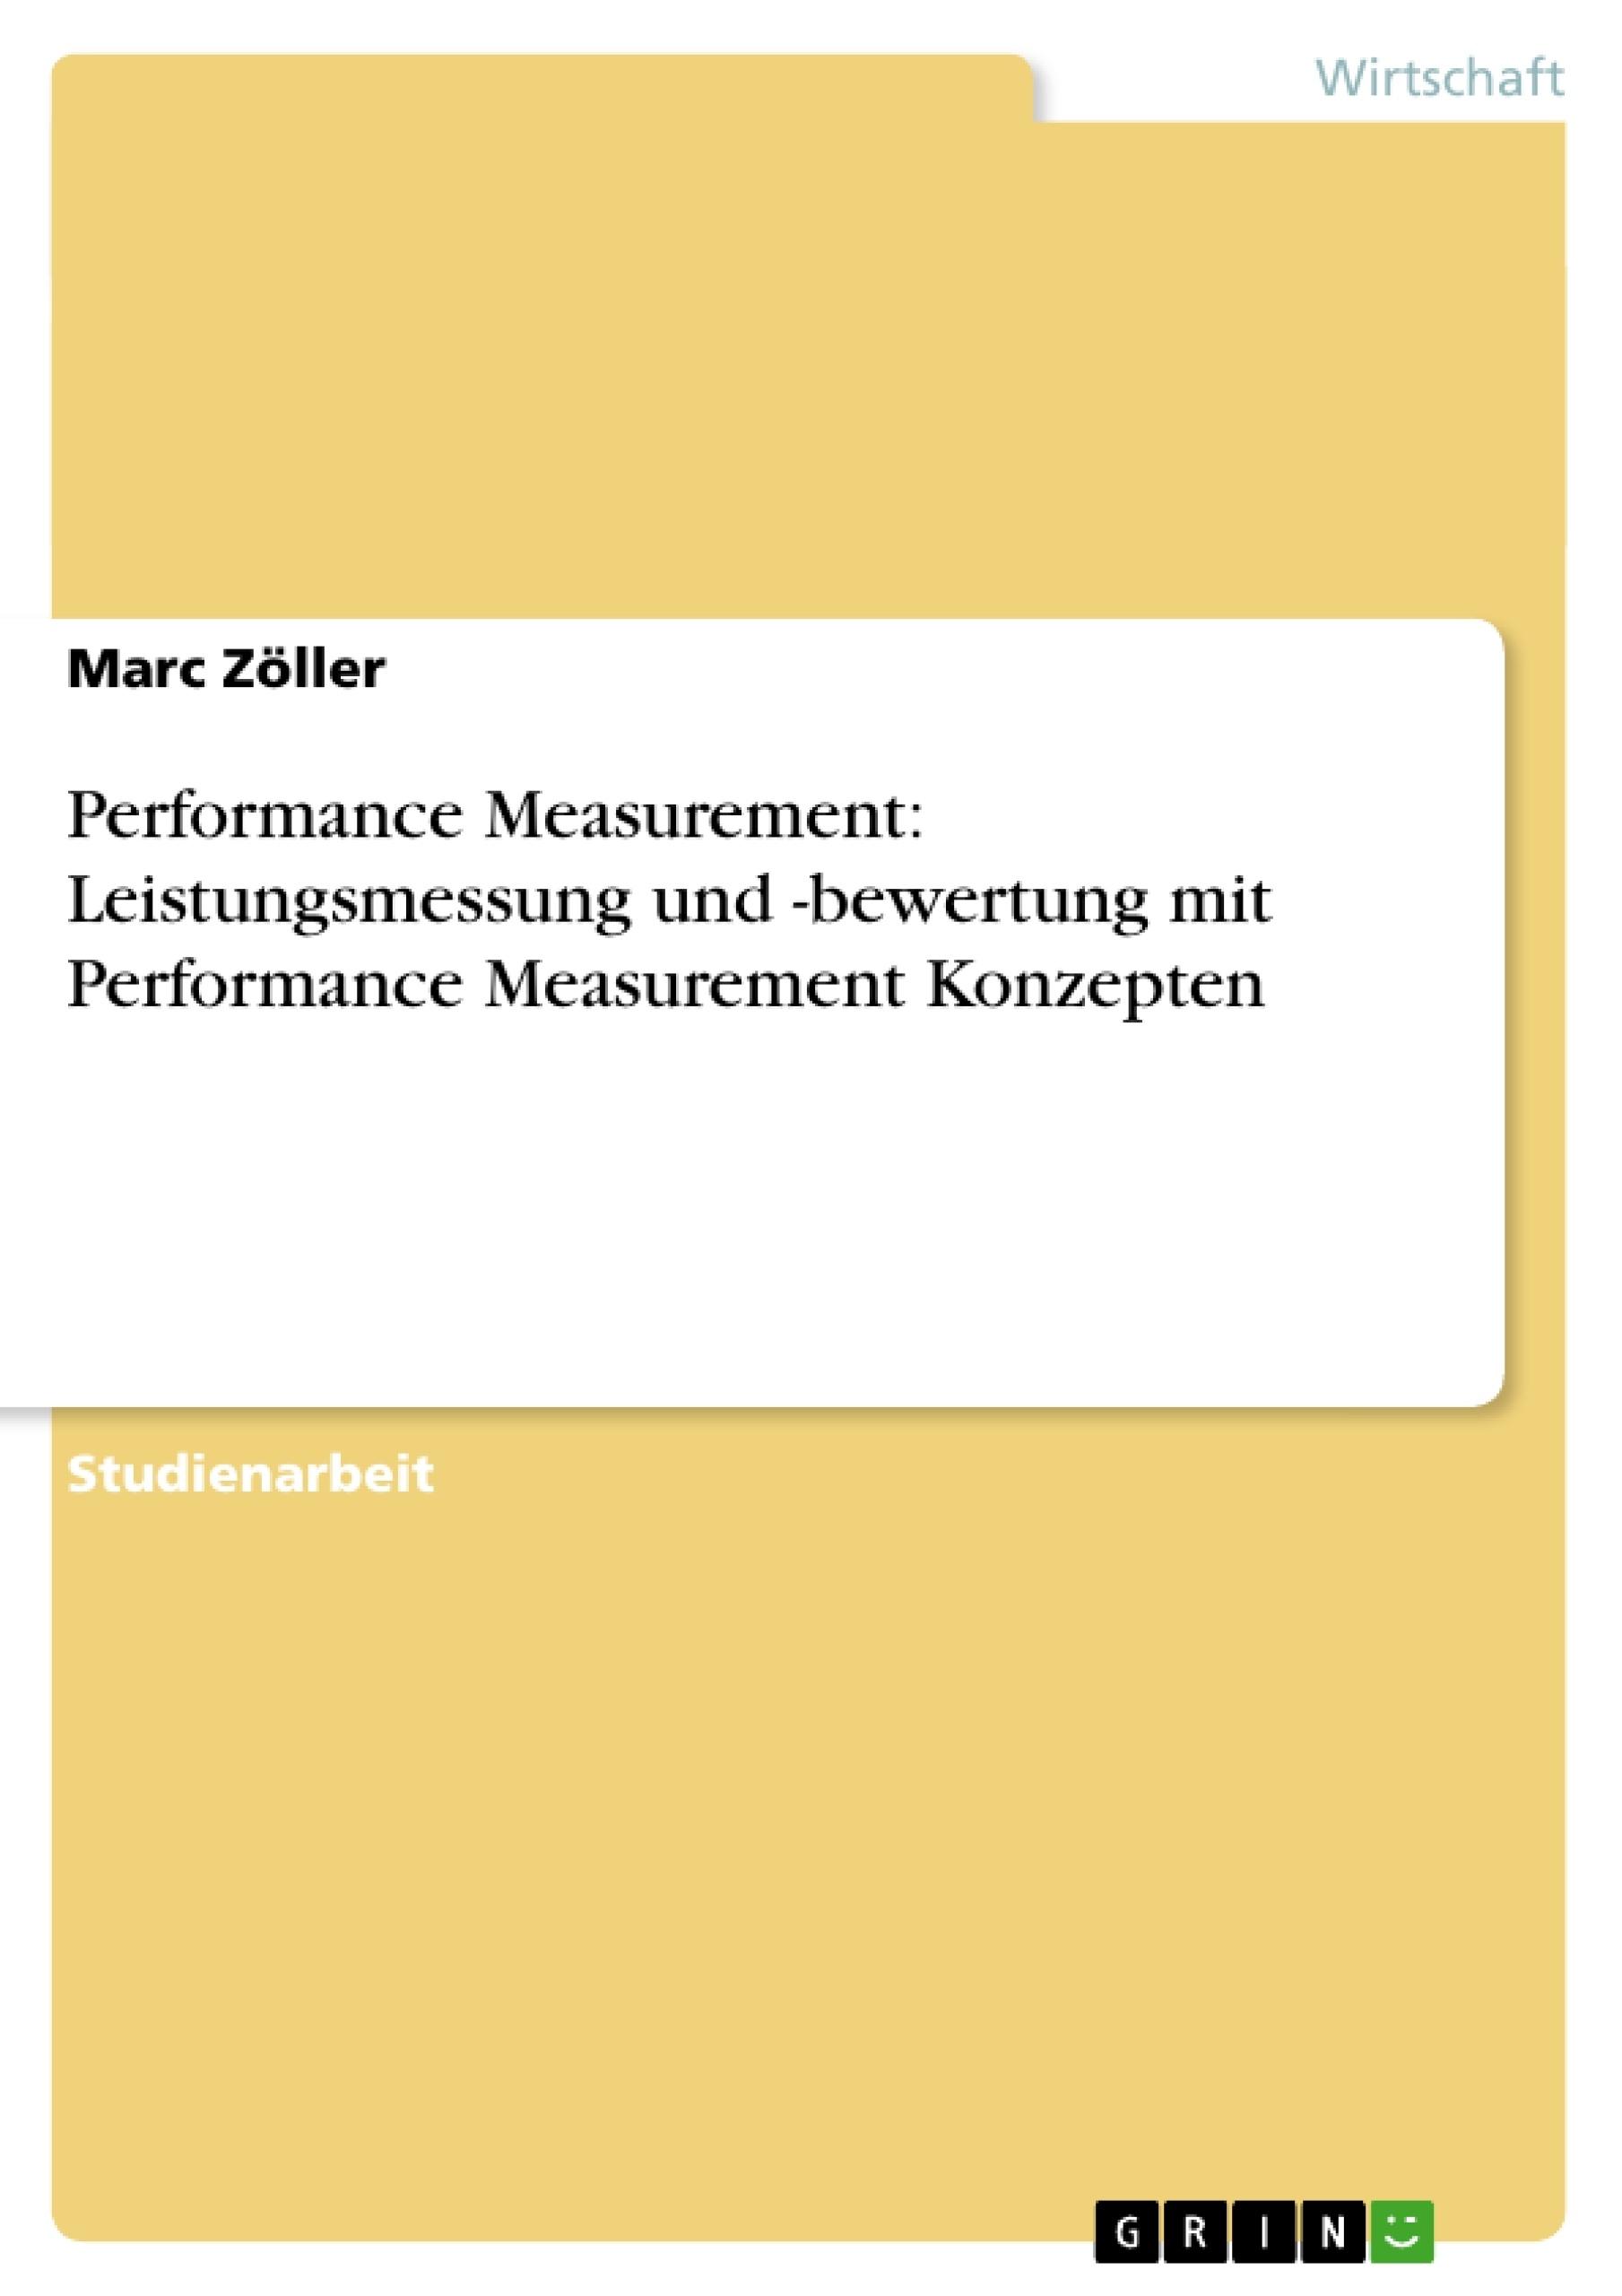 Titel: Performance Measurement: Leistungsmessung und -bewertung mit Performance Measurement Konzepten